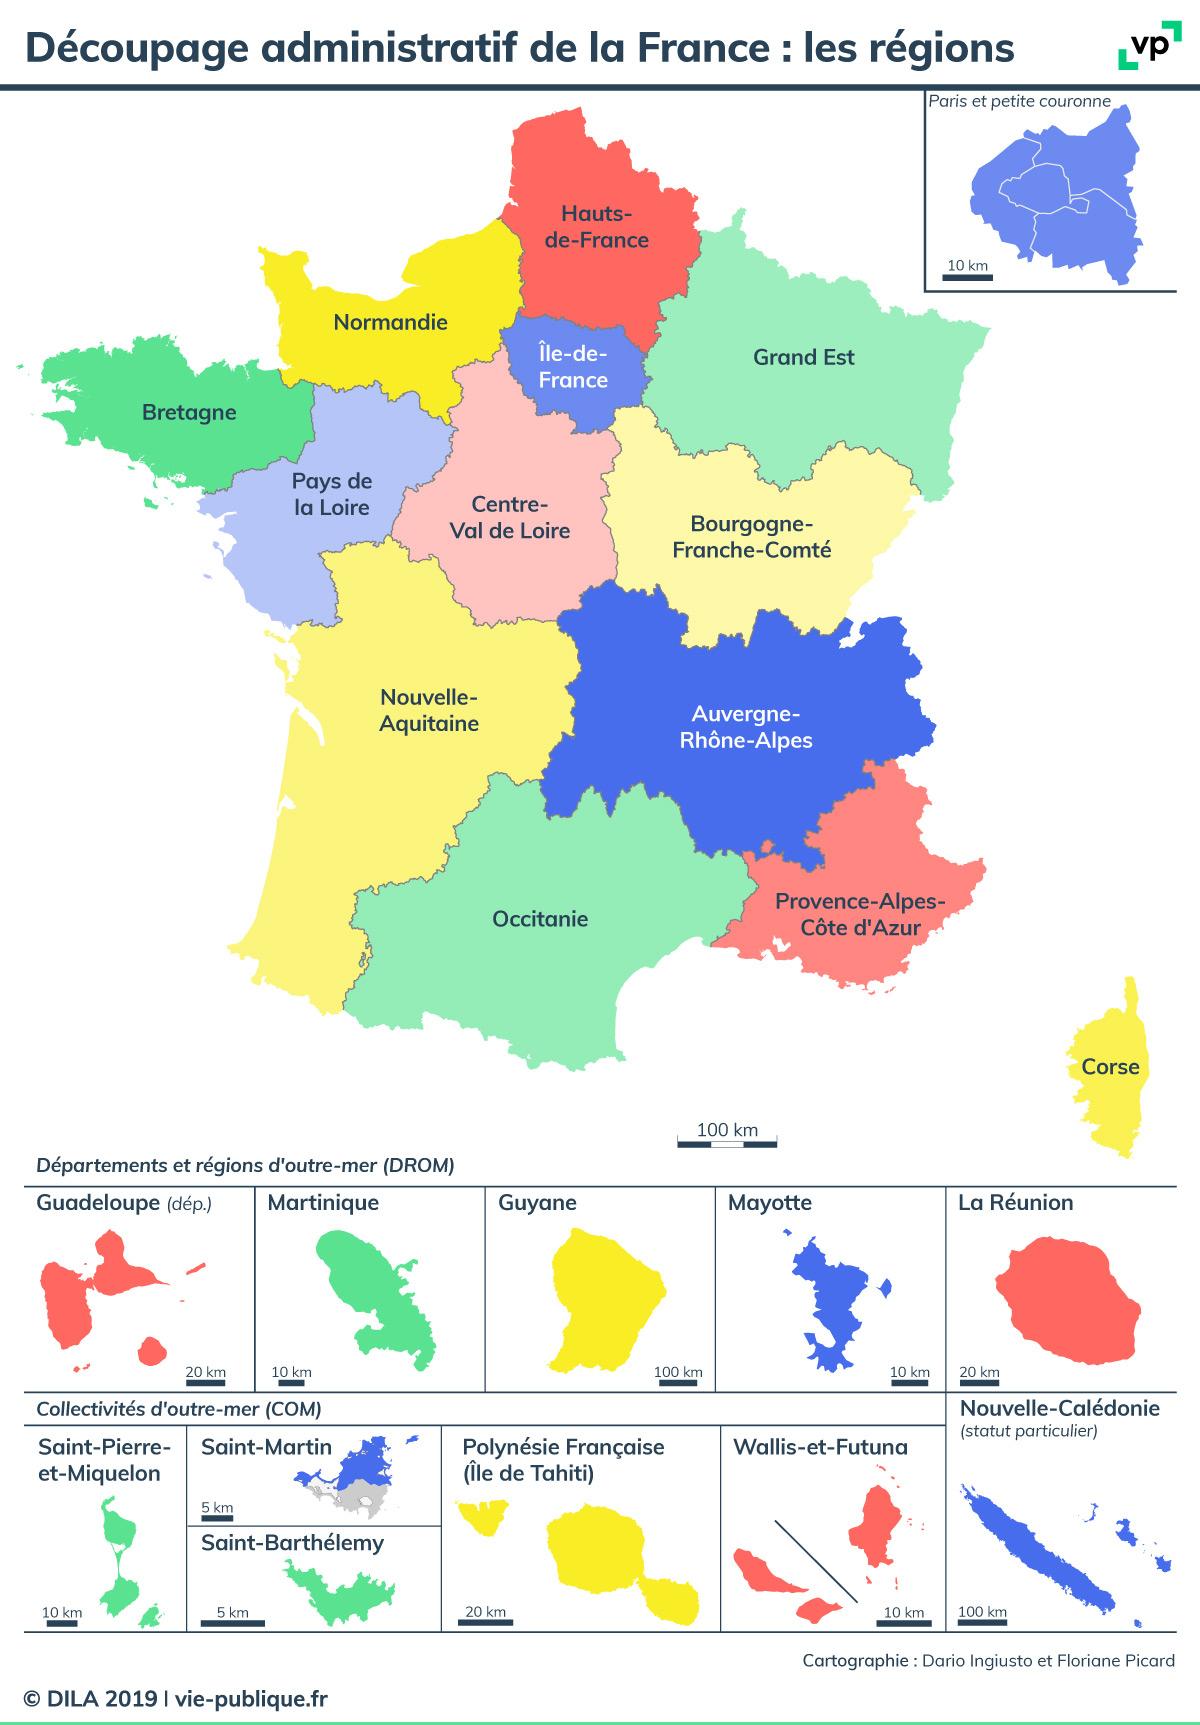 Découpage Administratif De La France : Les Régions | Vie concernant Decoupage Region France